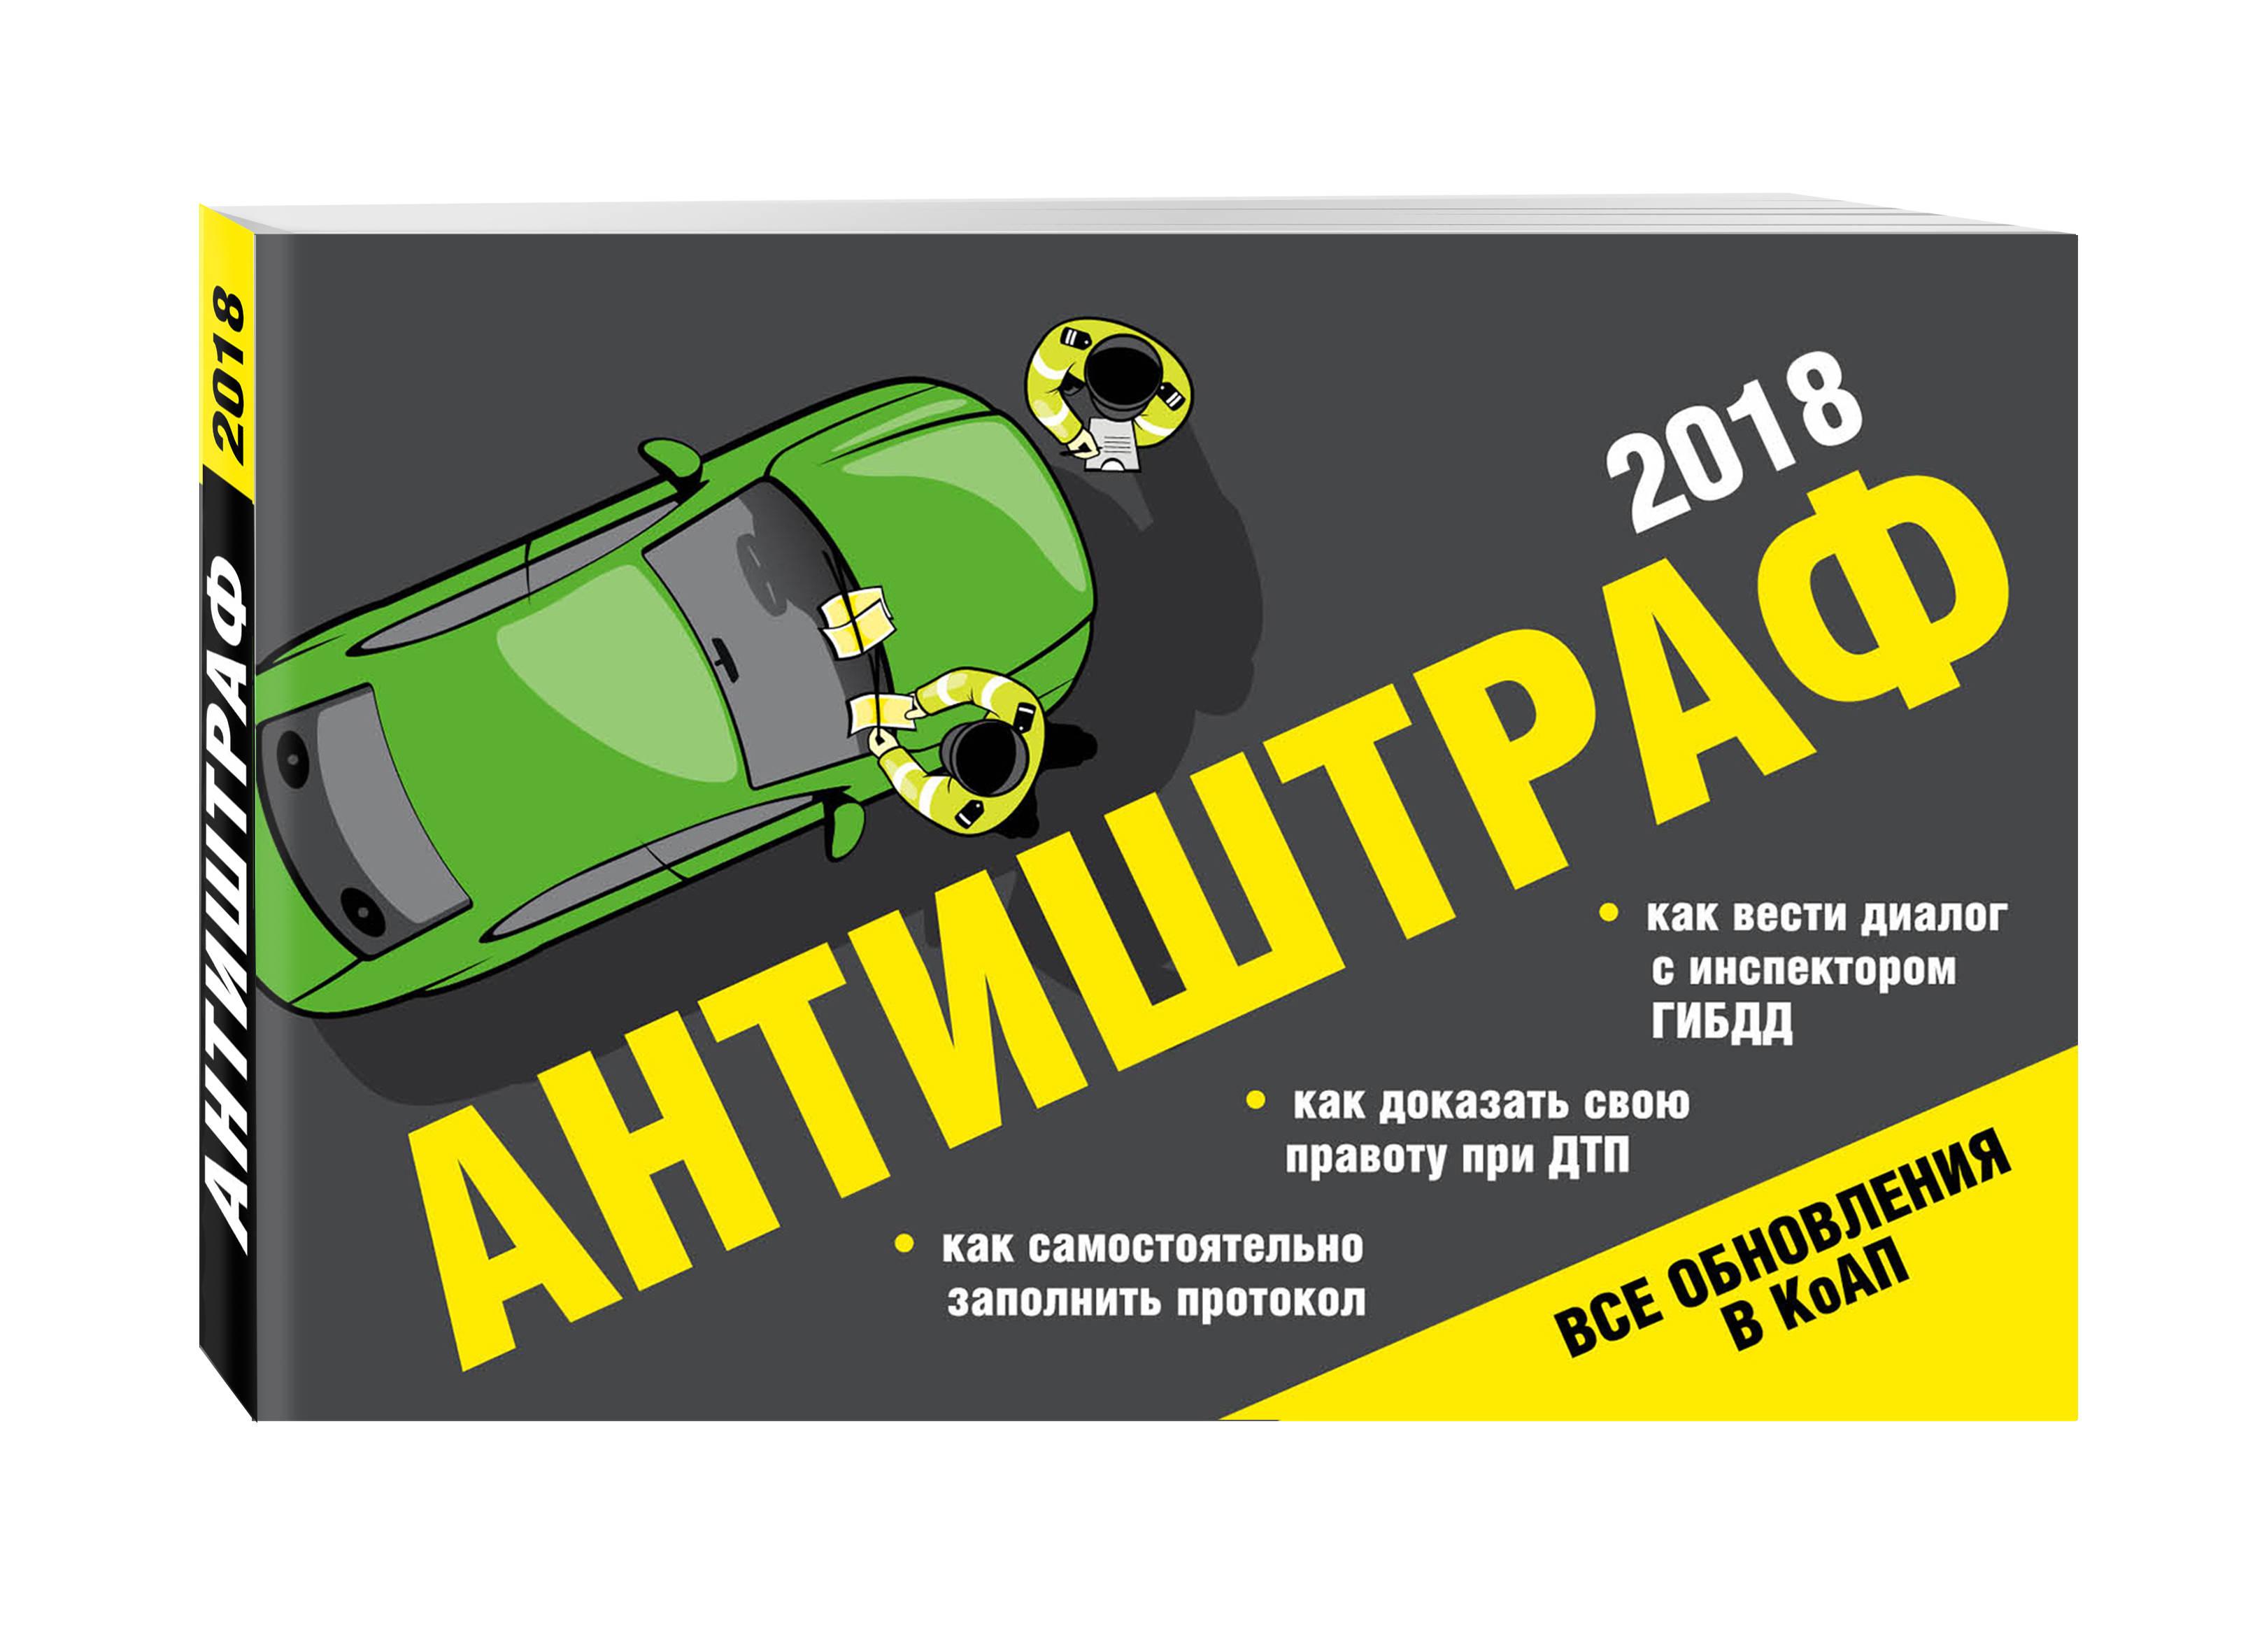 Антиштраф-2018